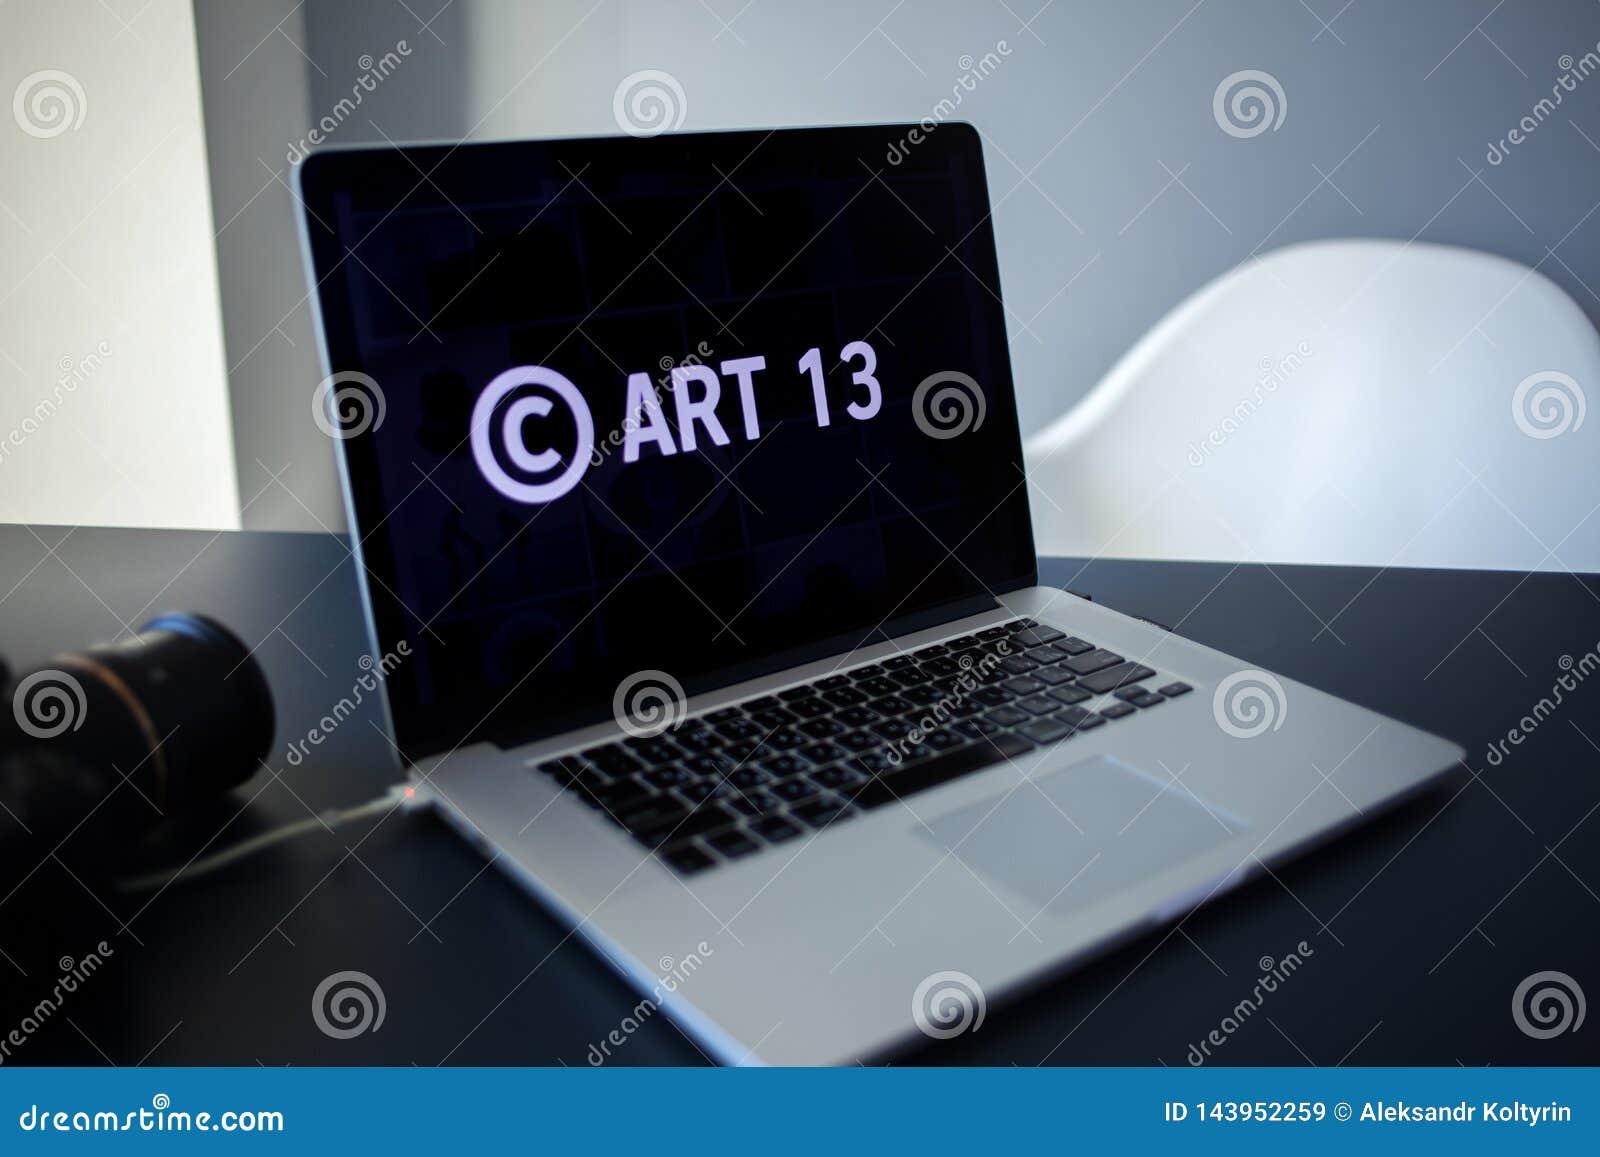 Το άρθρο 13 η τροποποίηση στη νομοθεσία της ΕΕ απαγόρευσε τα υλικά μέσων στο διαδίκτυο